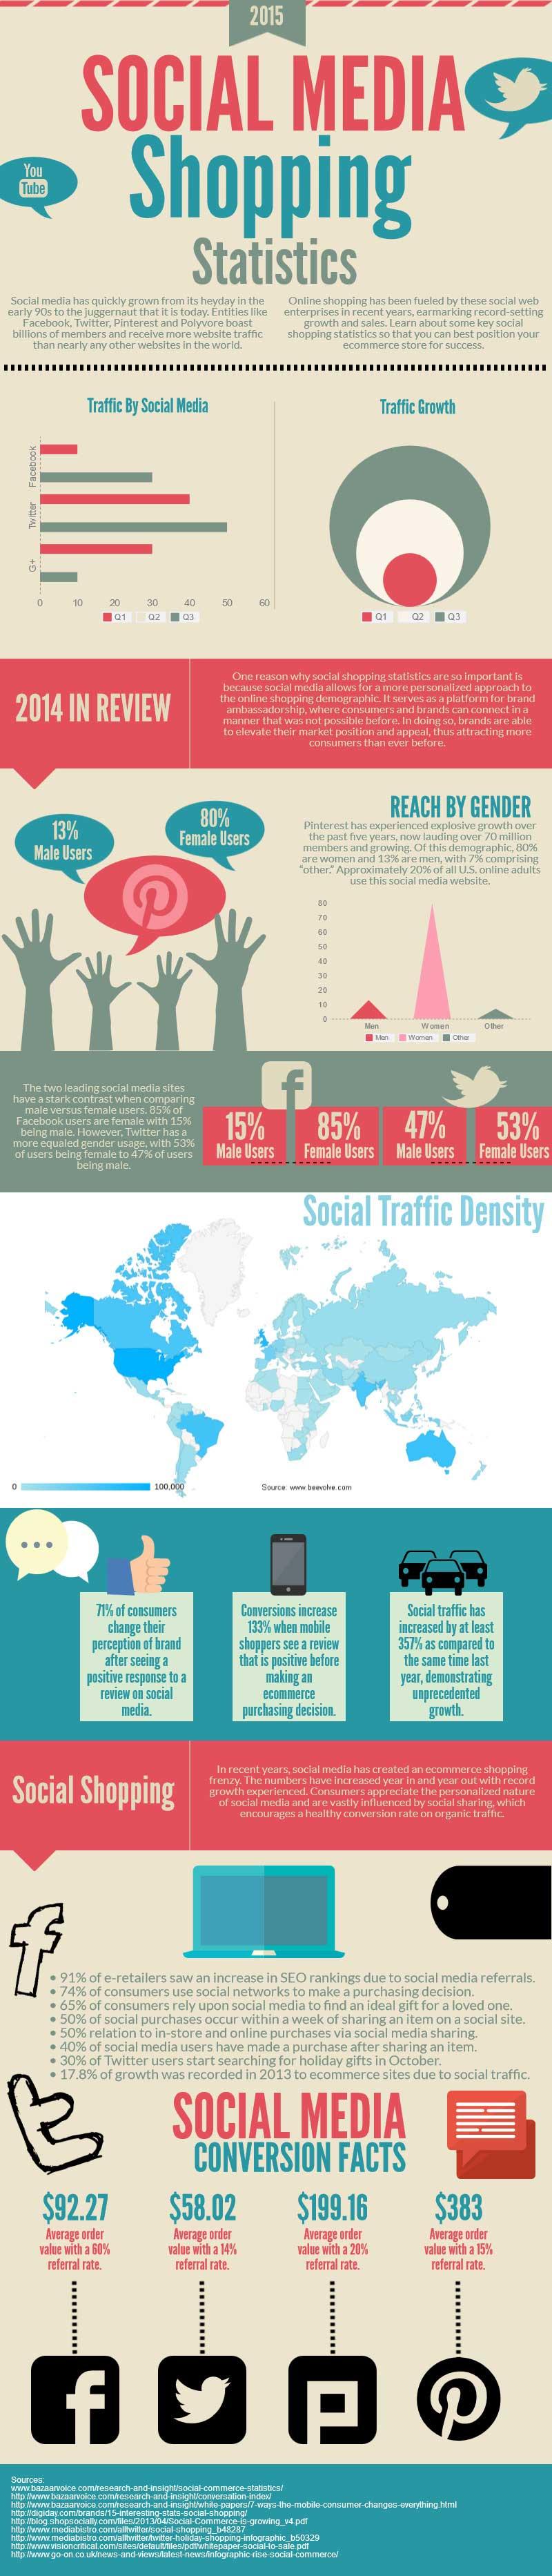 Social Media Shopping Statistics 2015